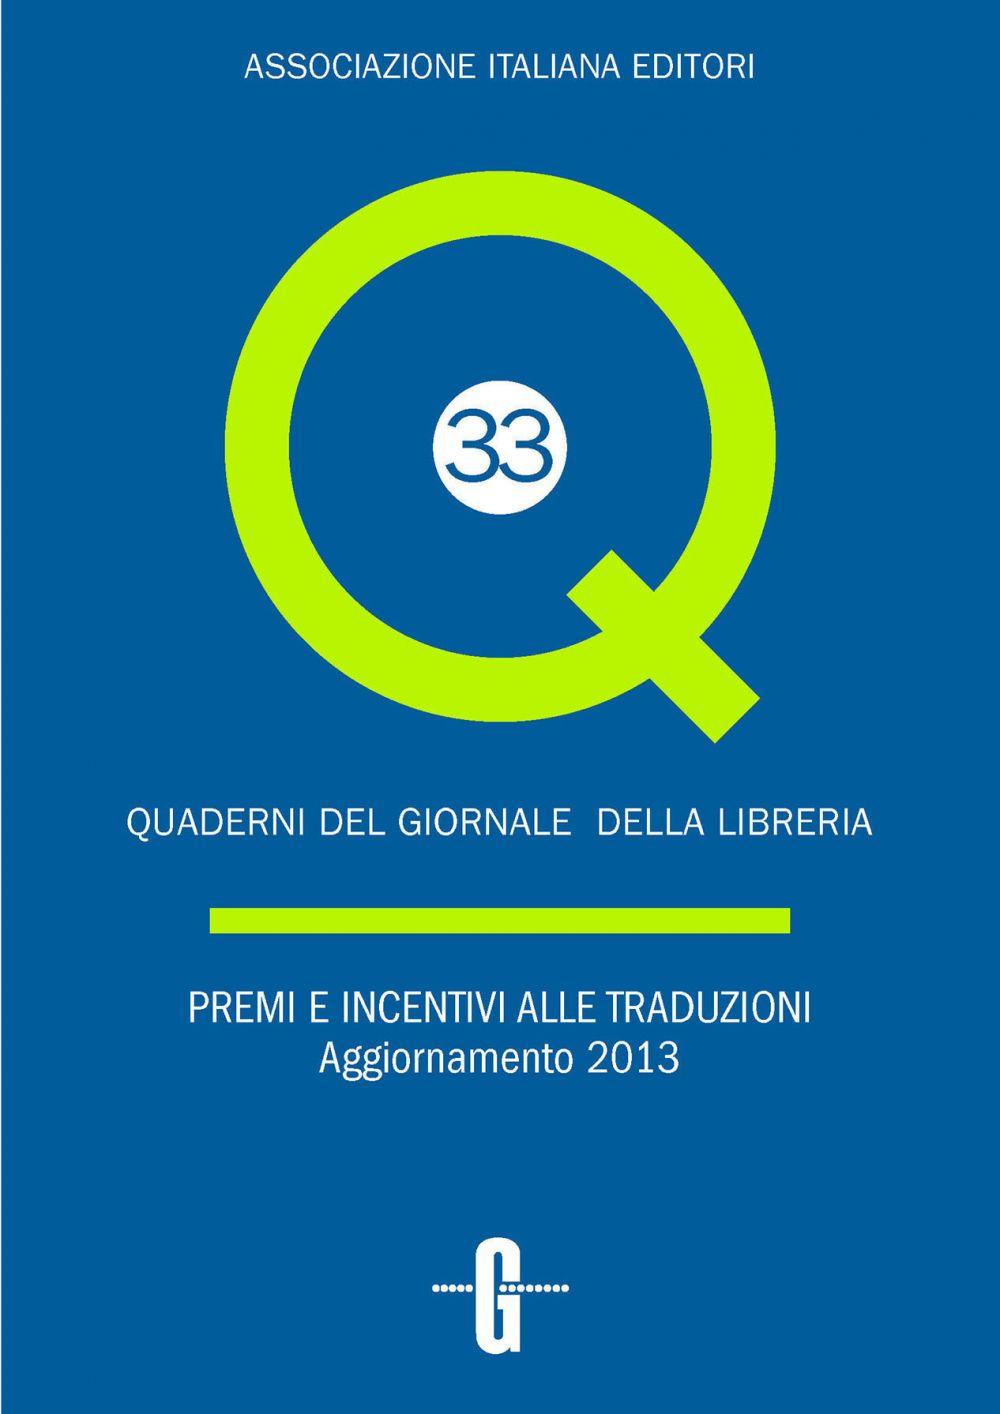 Premi e incentivi alle traduzioni. Aggiornamento 2013